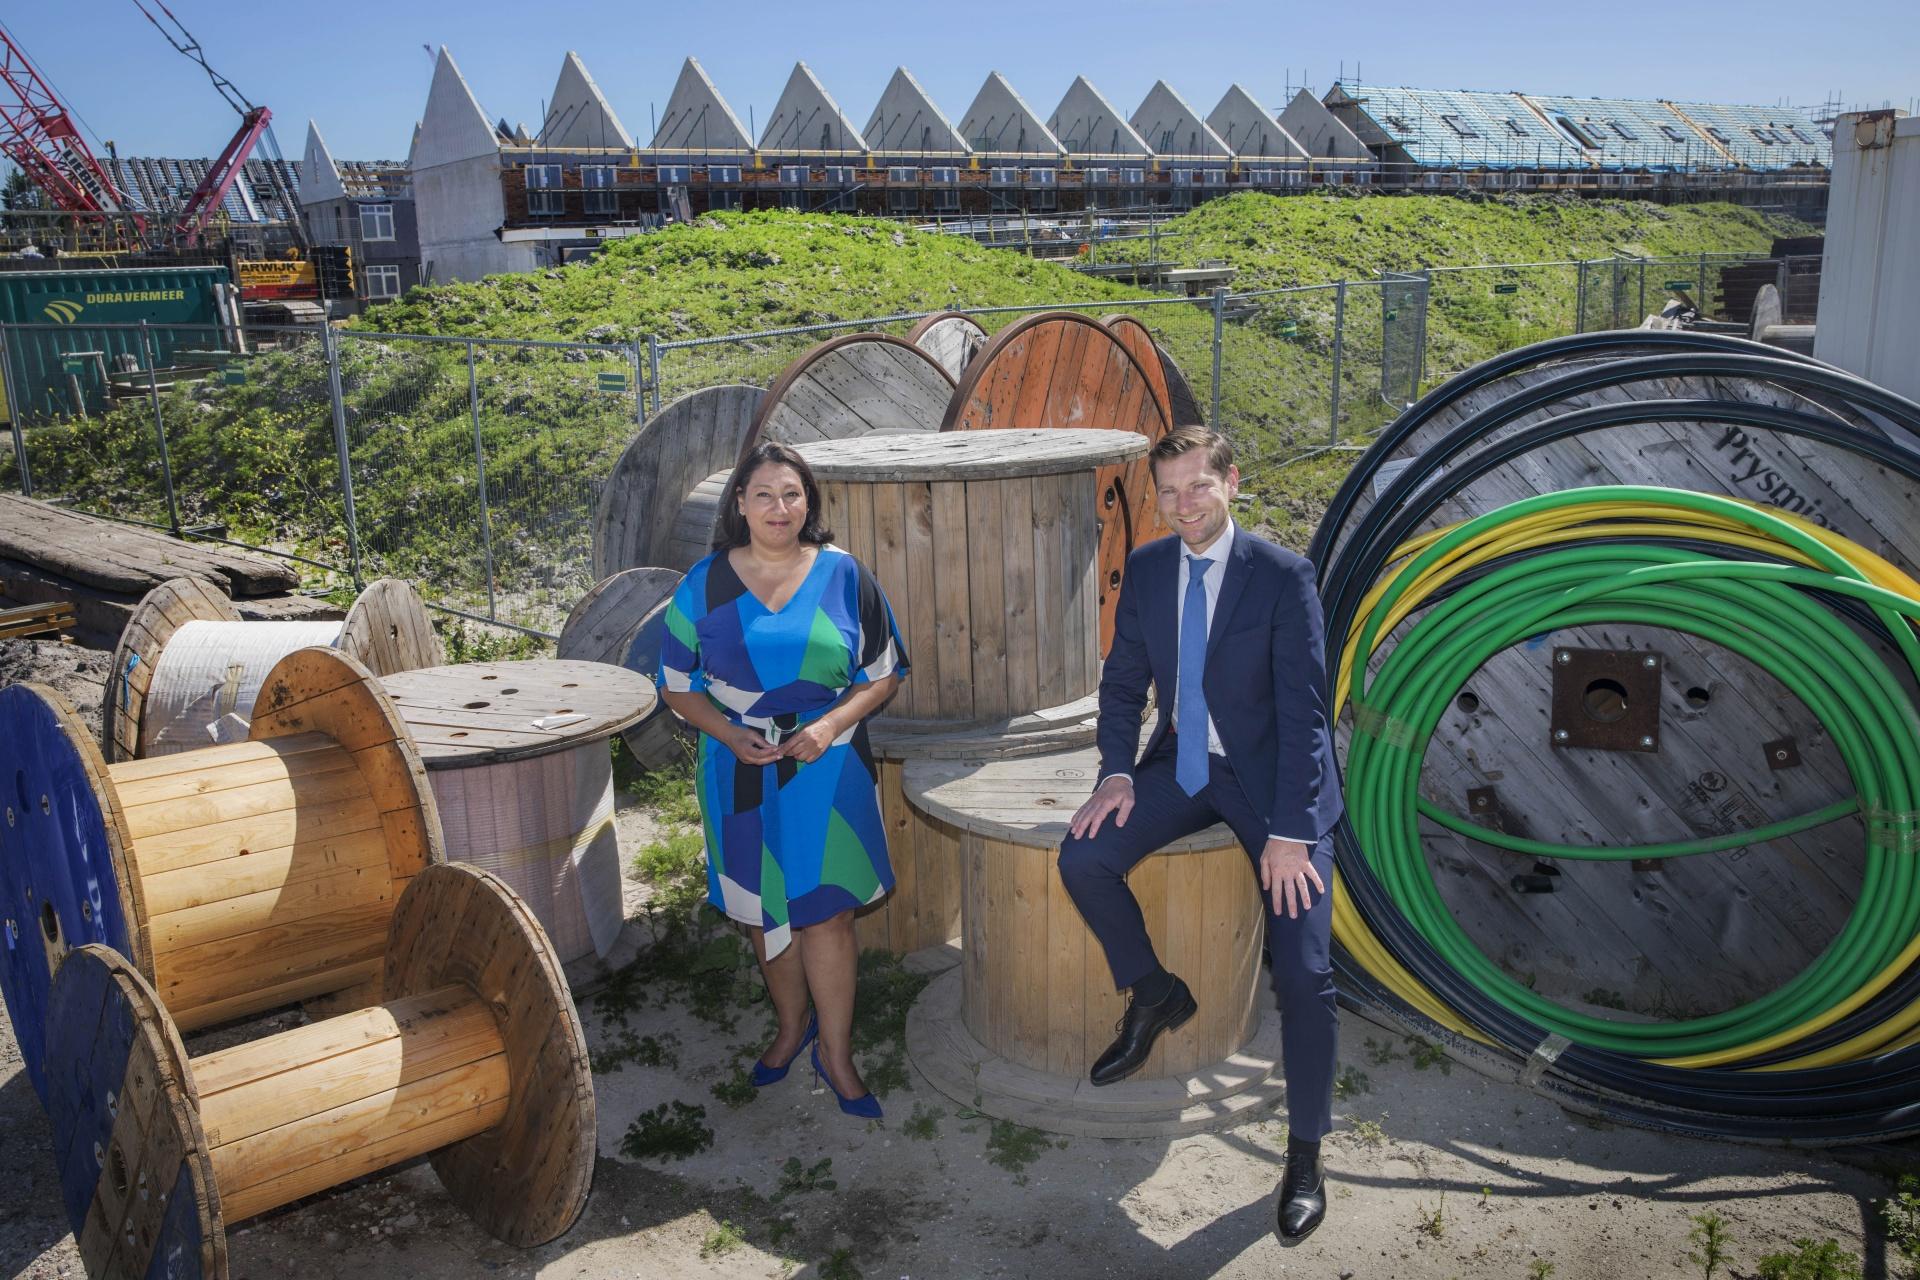 Gemeente Rijswijk is met het Woonfonds genomineerd voor de Middenhuur Award 2021